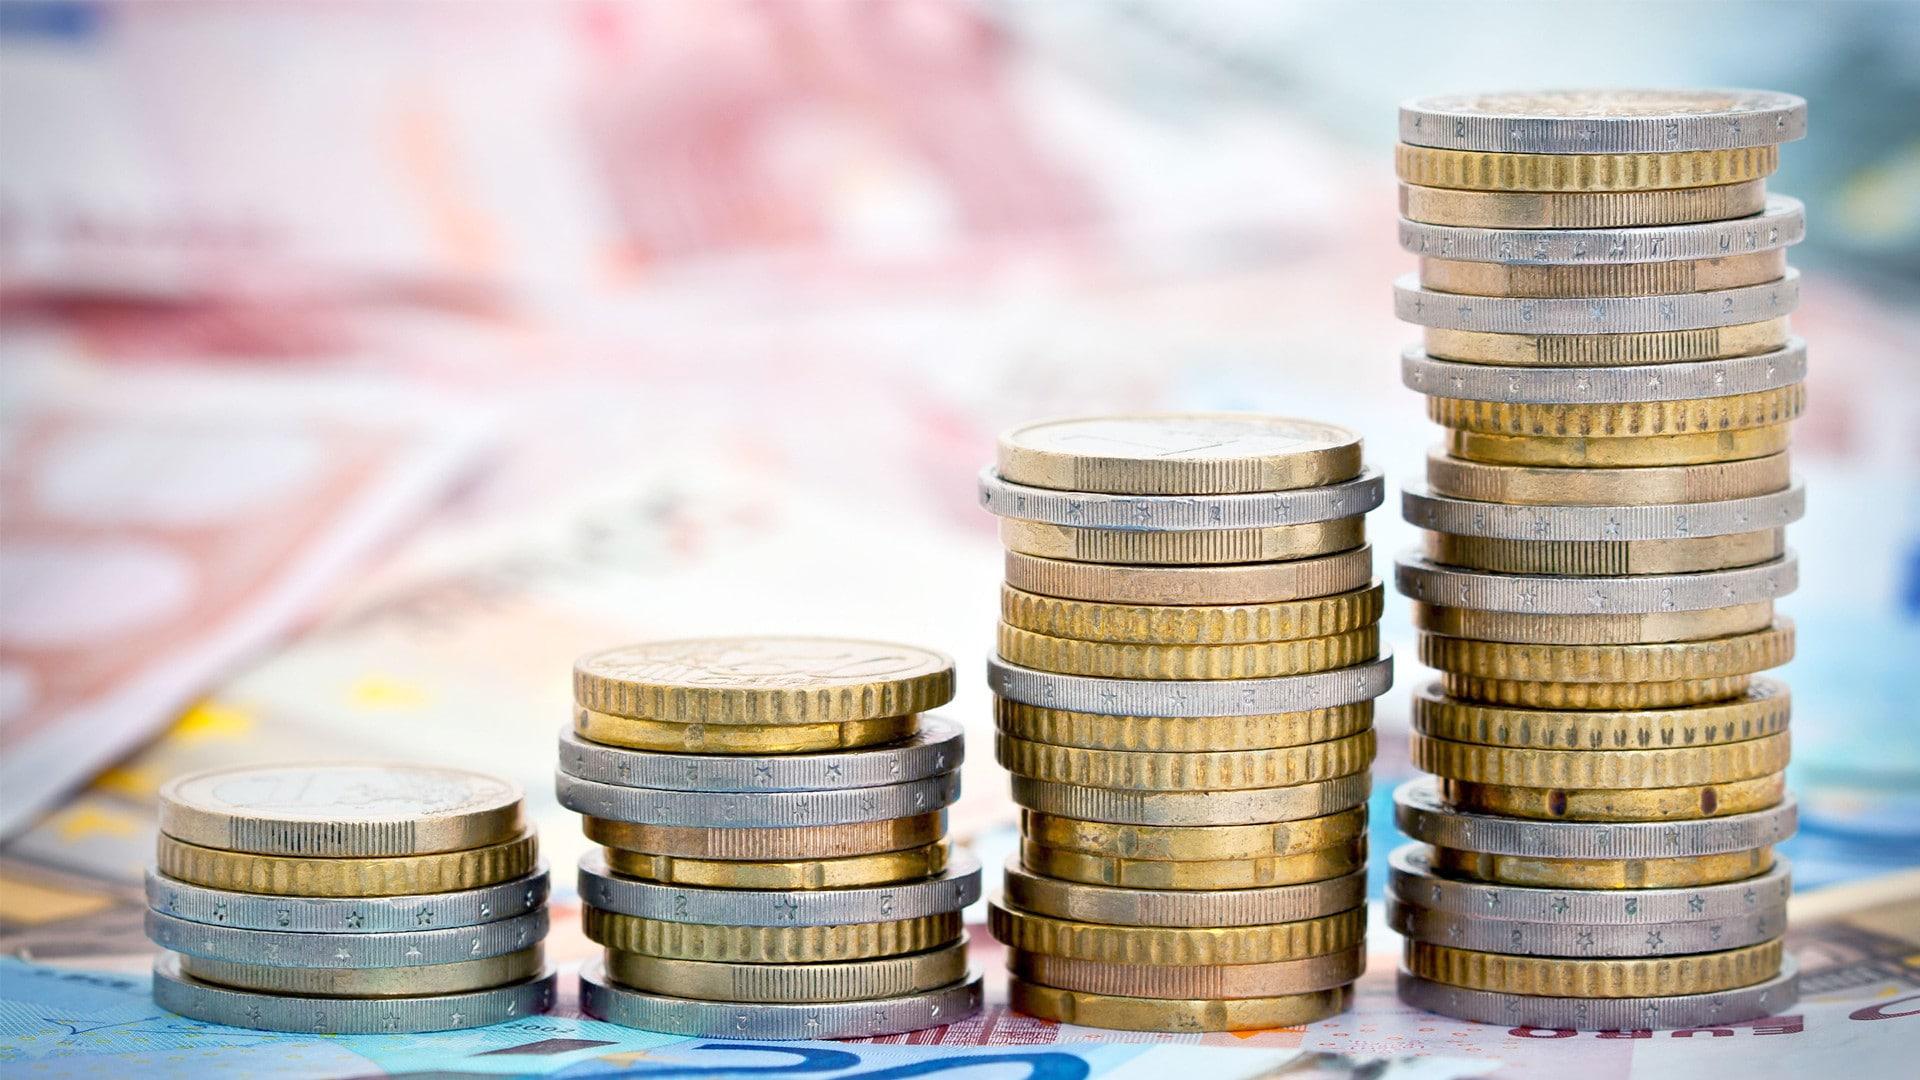 Налог на кэшбэк - нужно ли платить 13% НДФЛ или нет